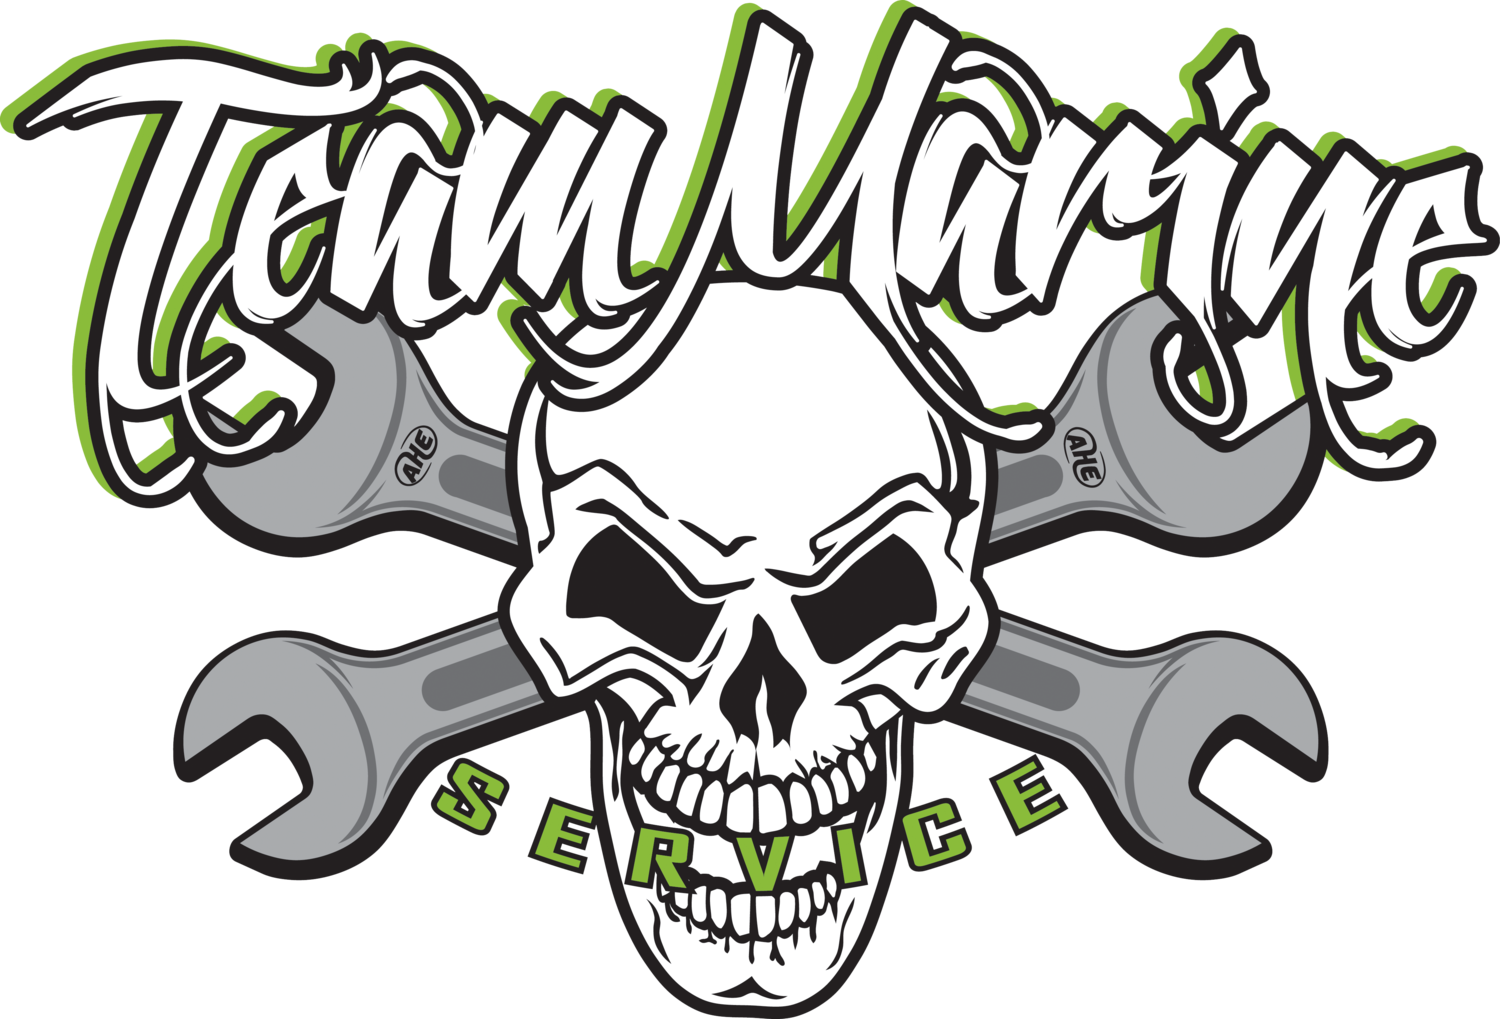 Team+Marine+Skull+FINAL+White